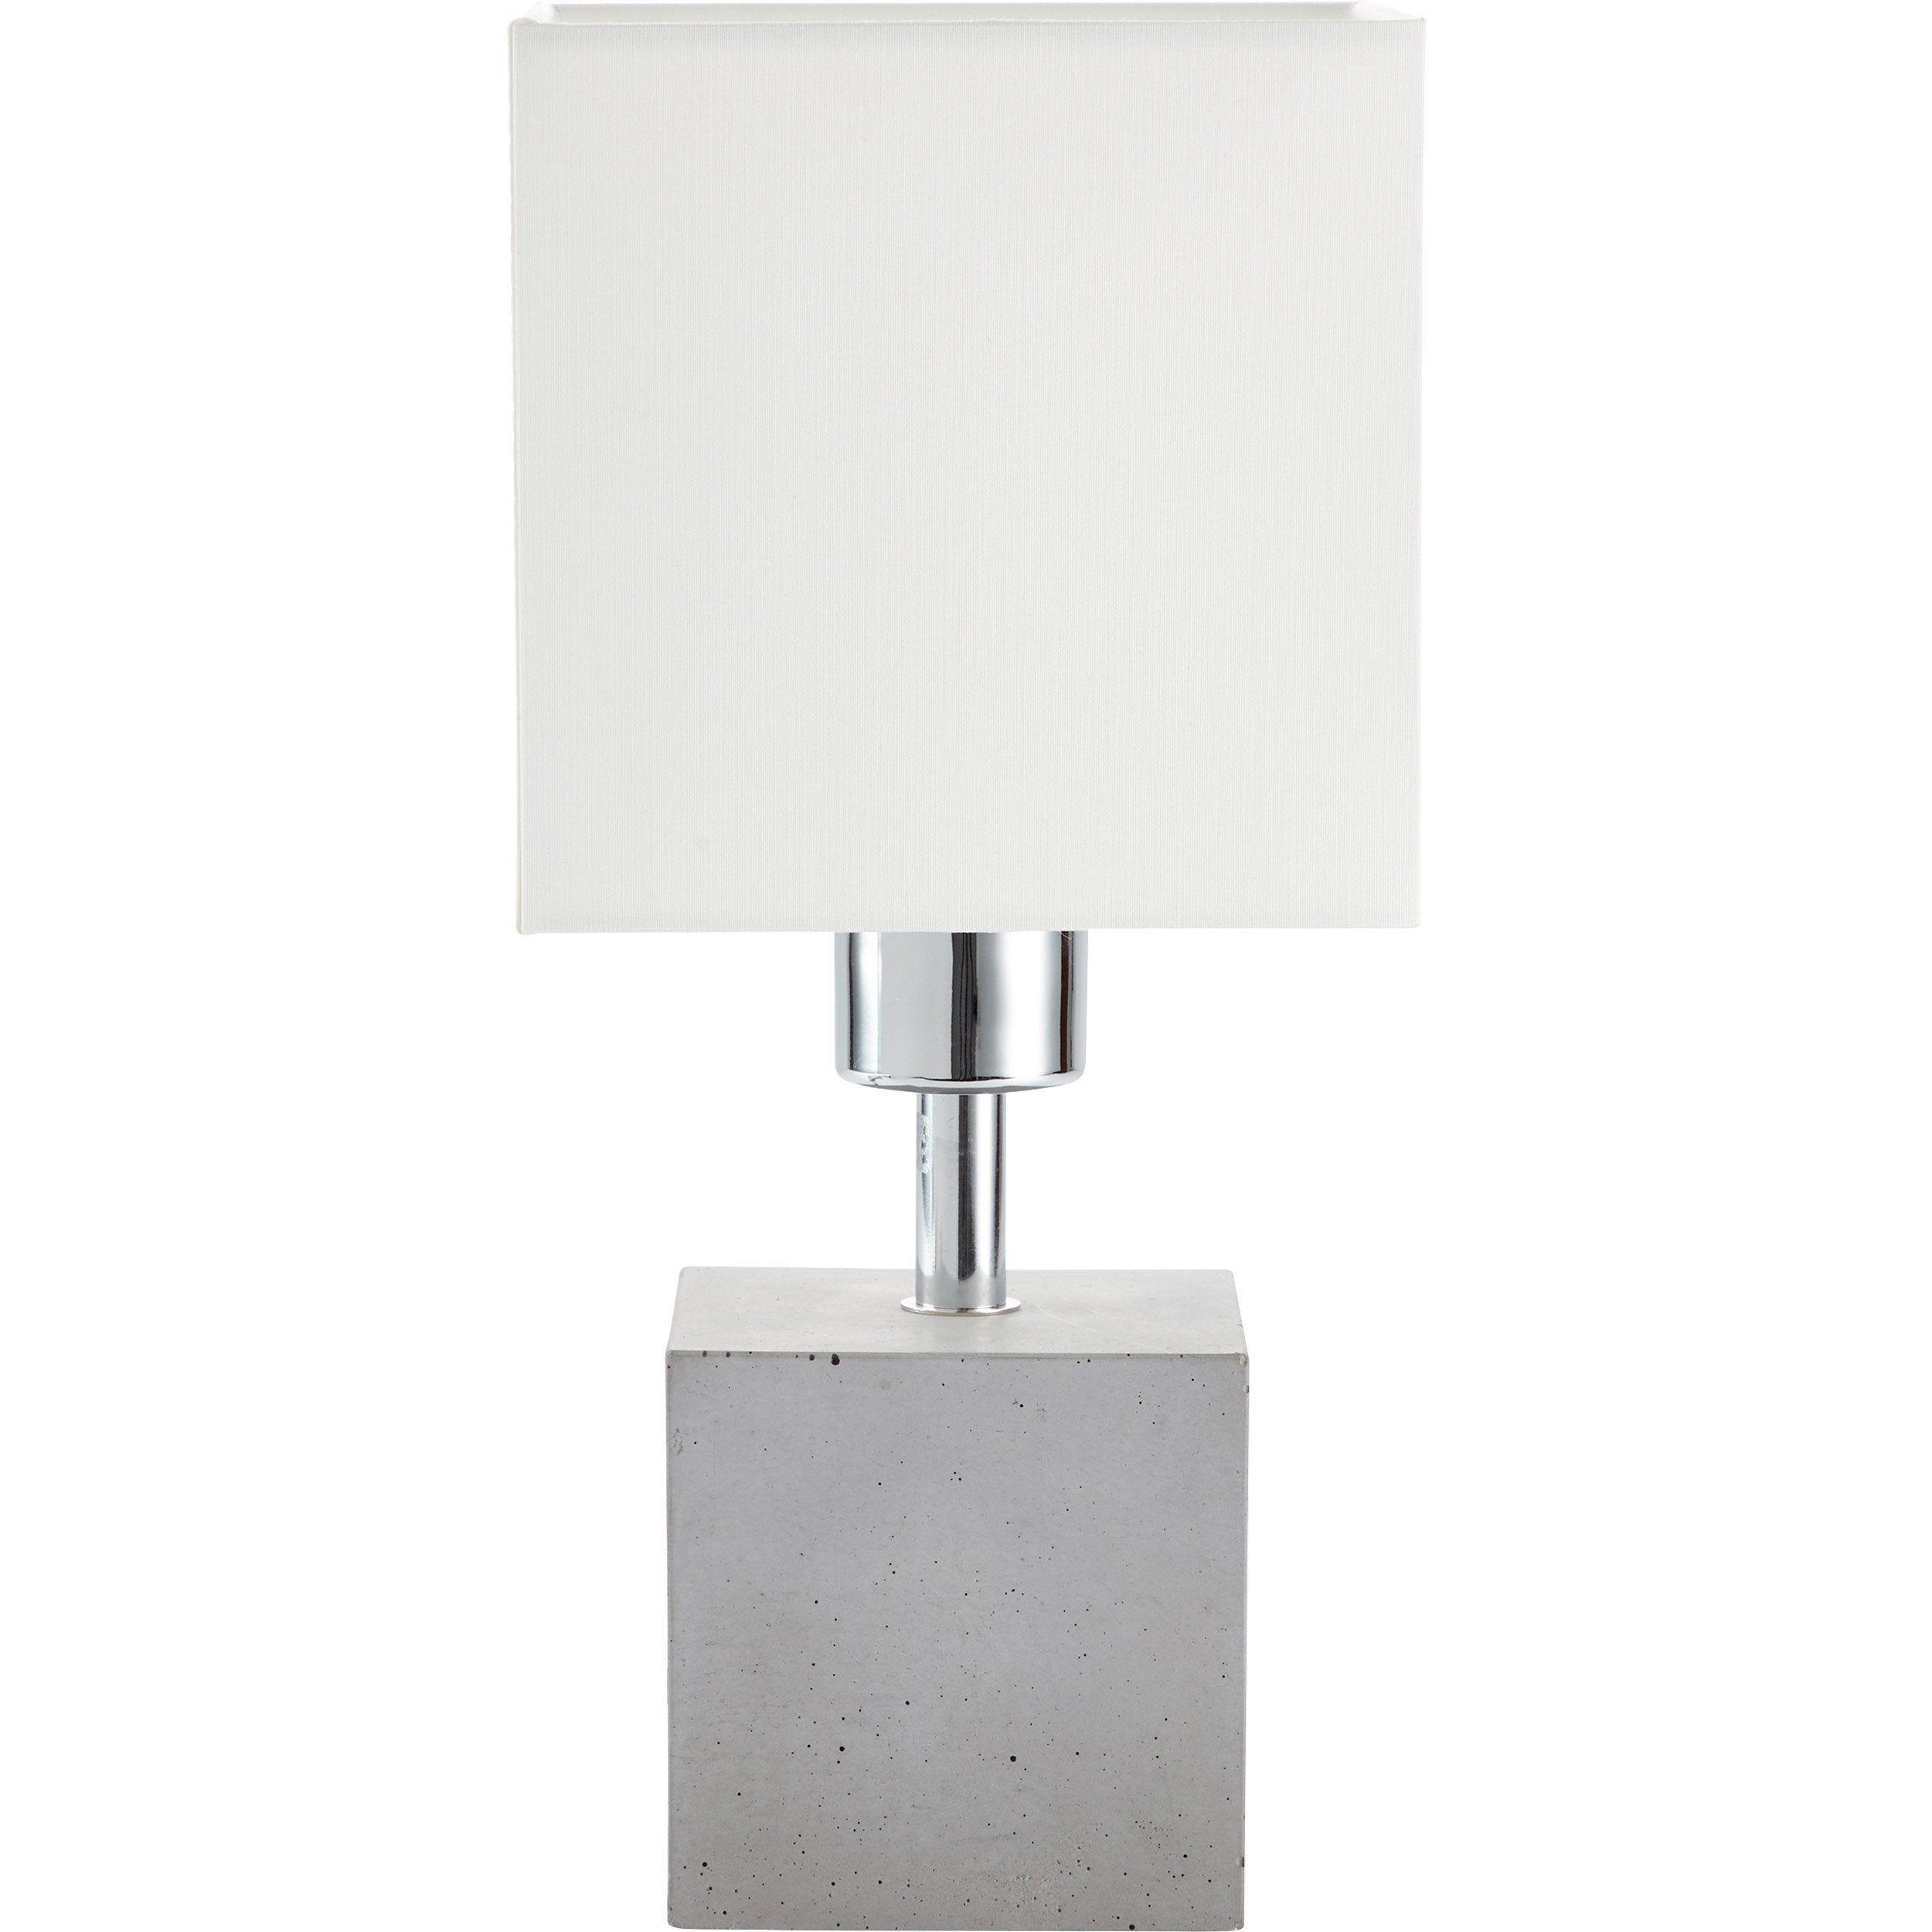 Lampe Moderne Beton Gris Blanc Brilliant Plant Cubique Gris